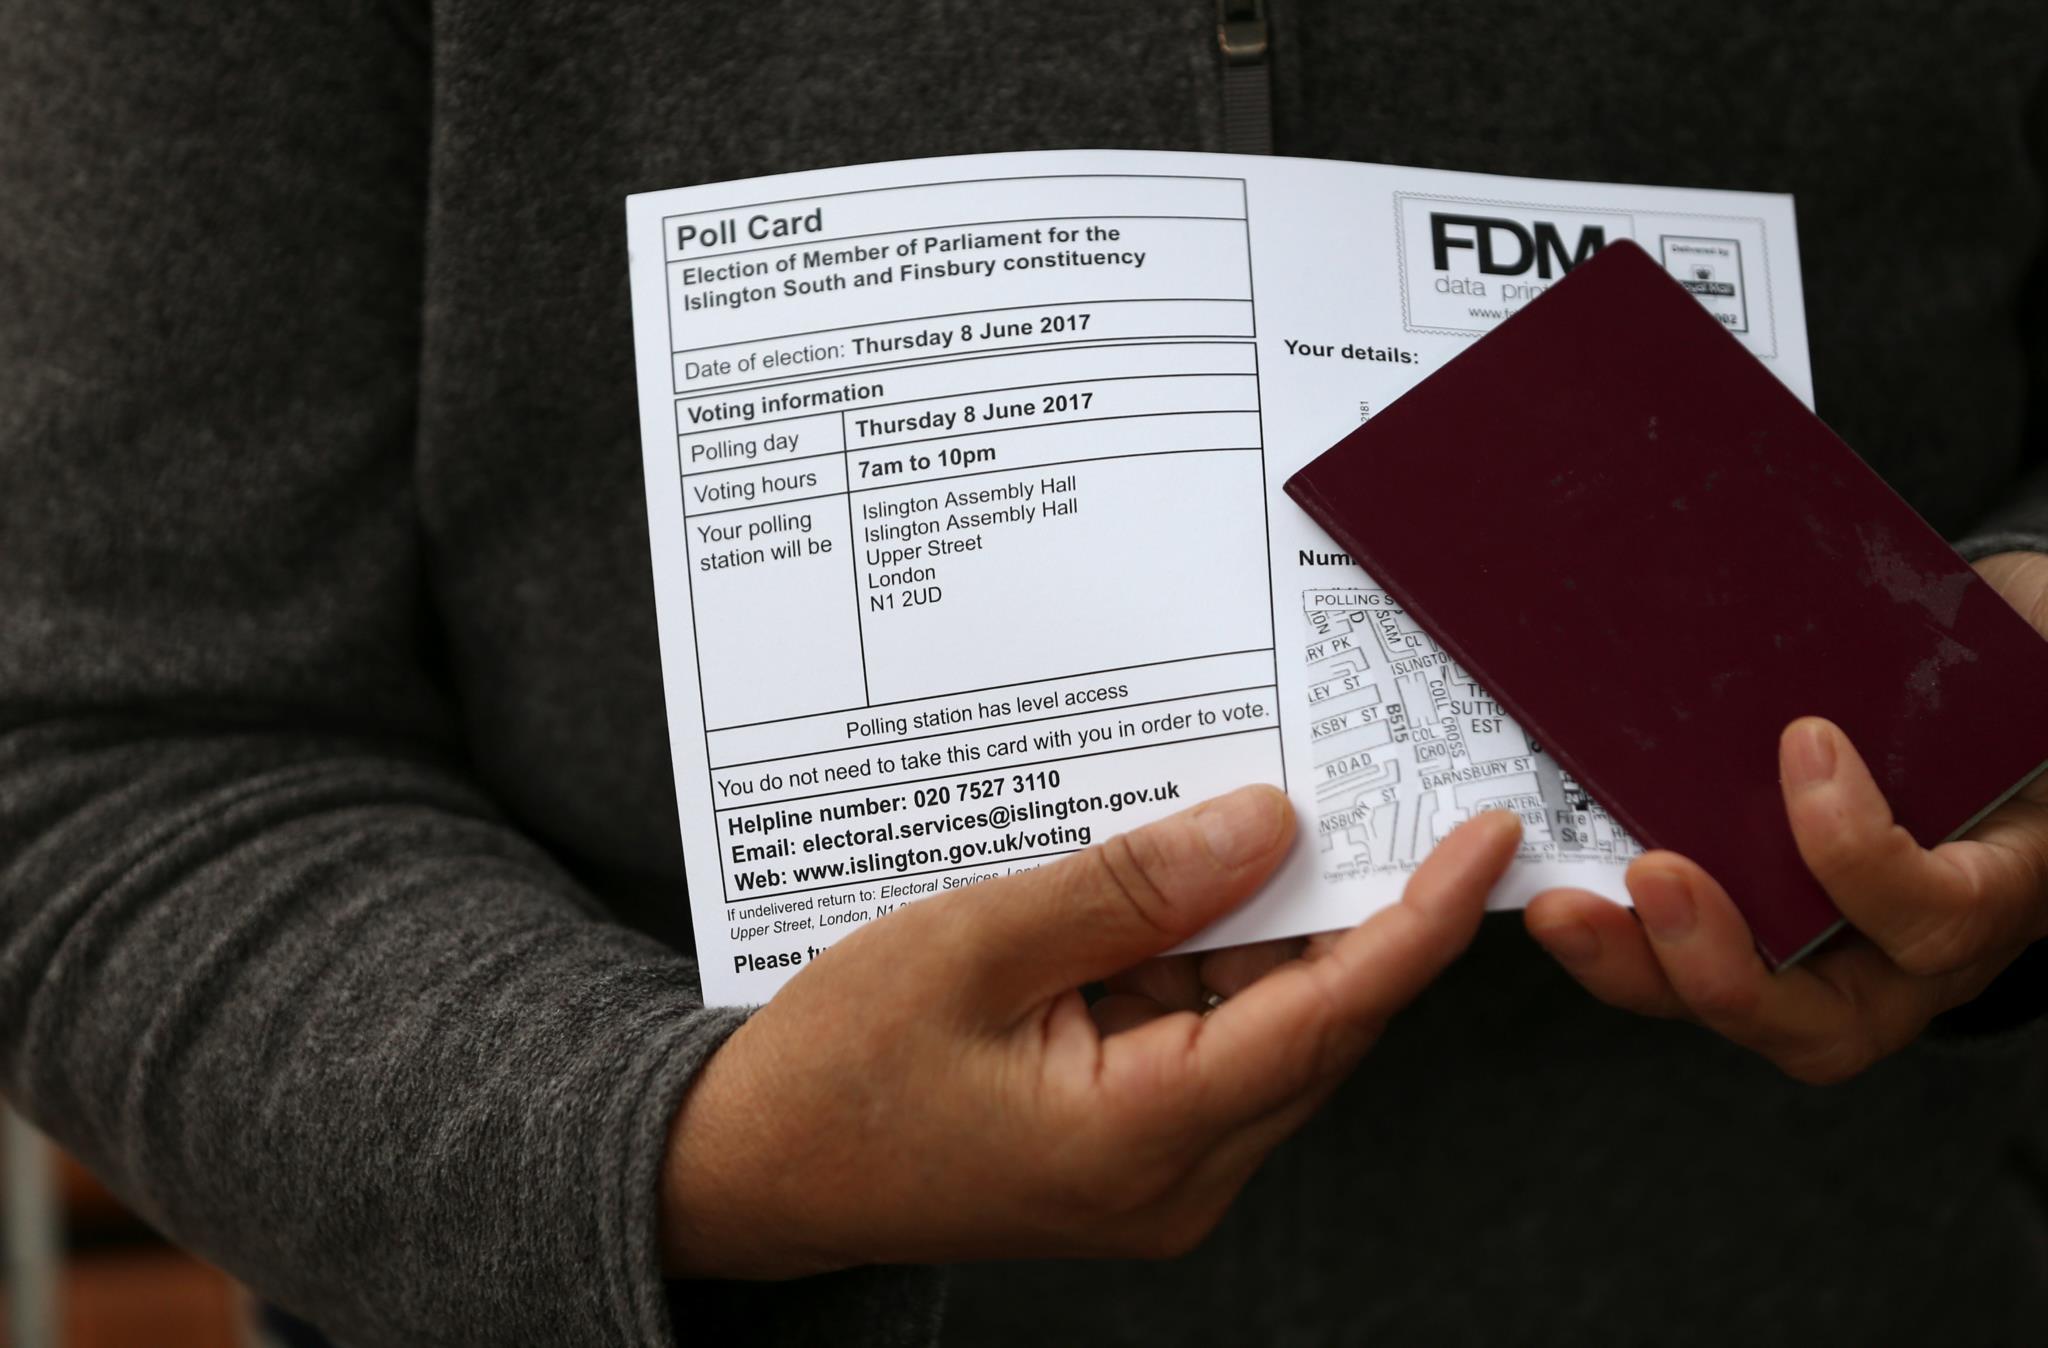 Uma eleitora segura os documentos enquanto aguarda vez, em Londres, para fazer a sua escolha nestas eleições antecipadas